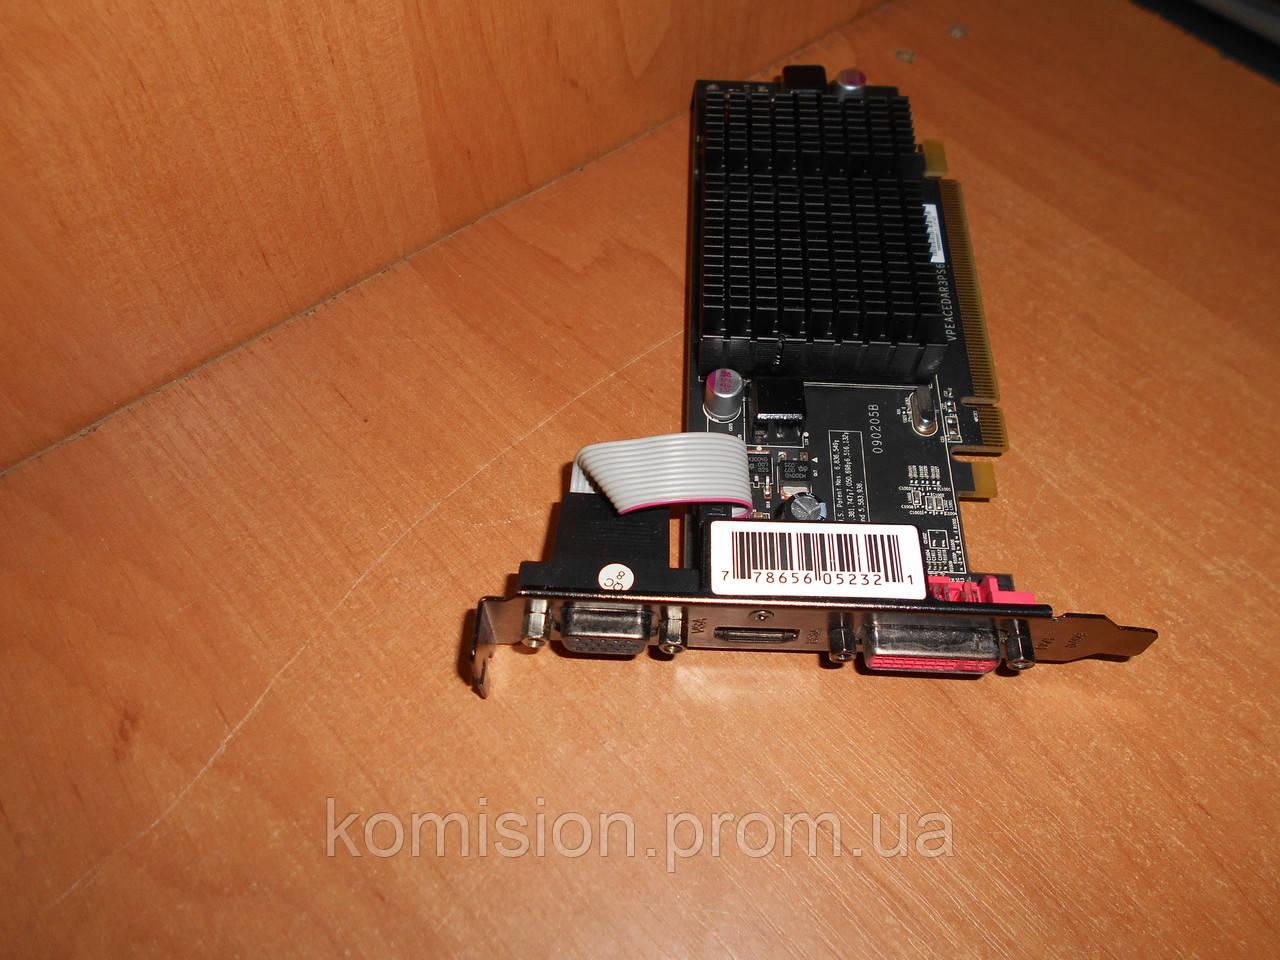 Видеокарта Radeon HD4550 512Mb GDDR2 Low